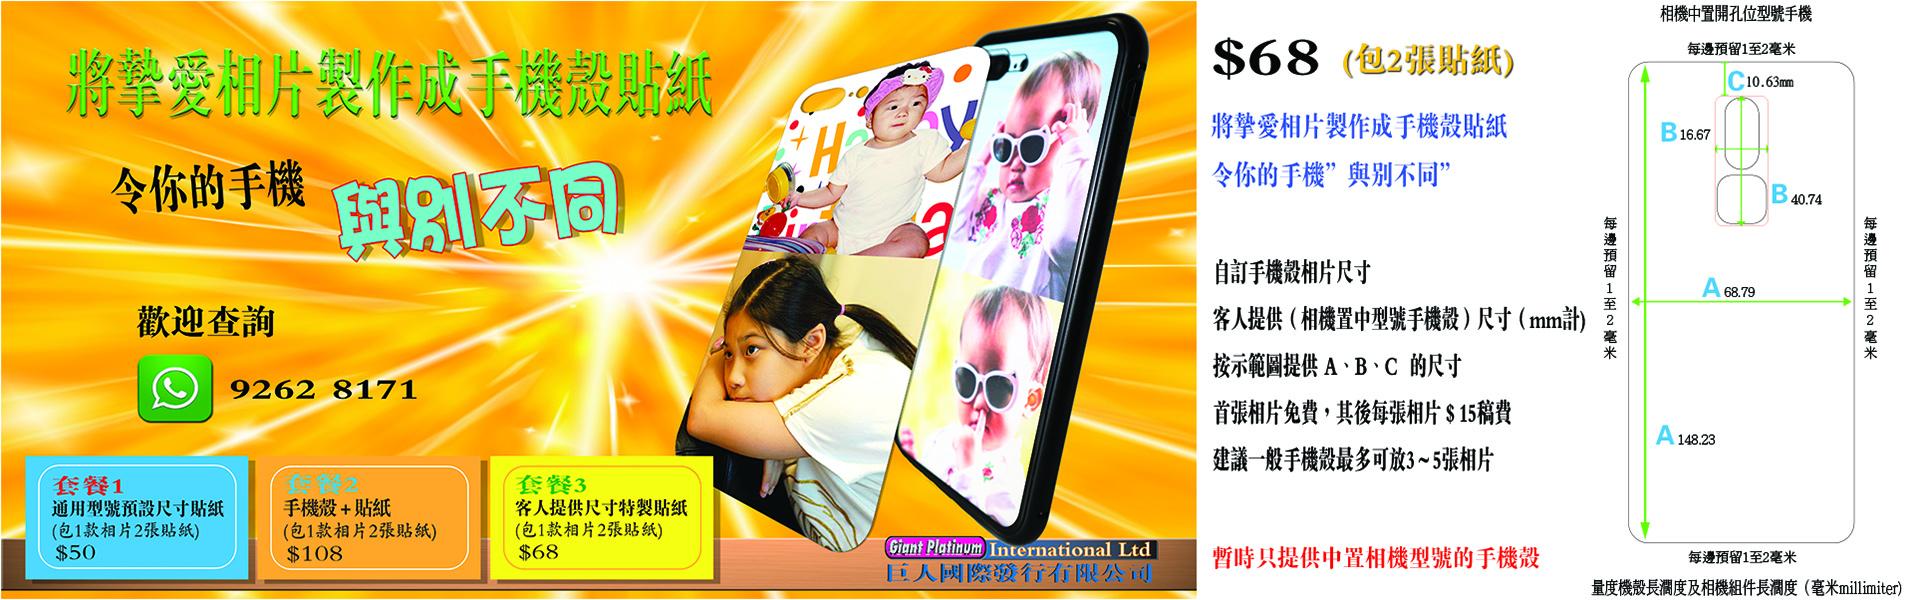 手機殼貼紙HomePage2